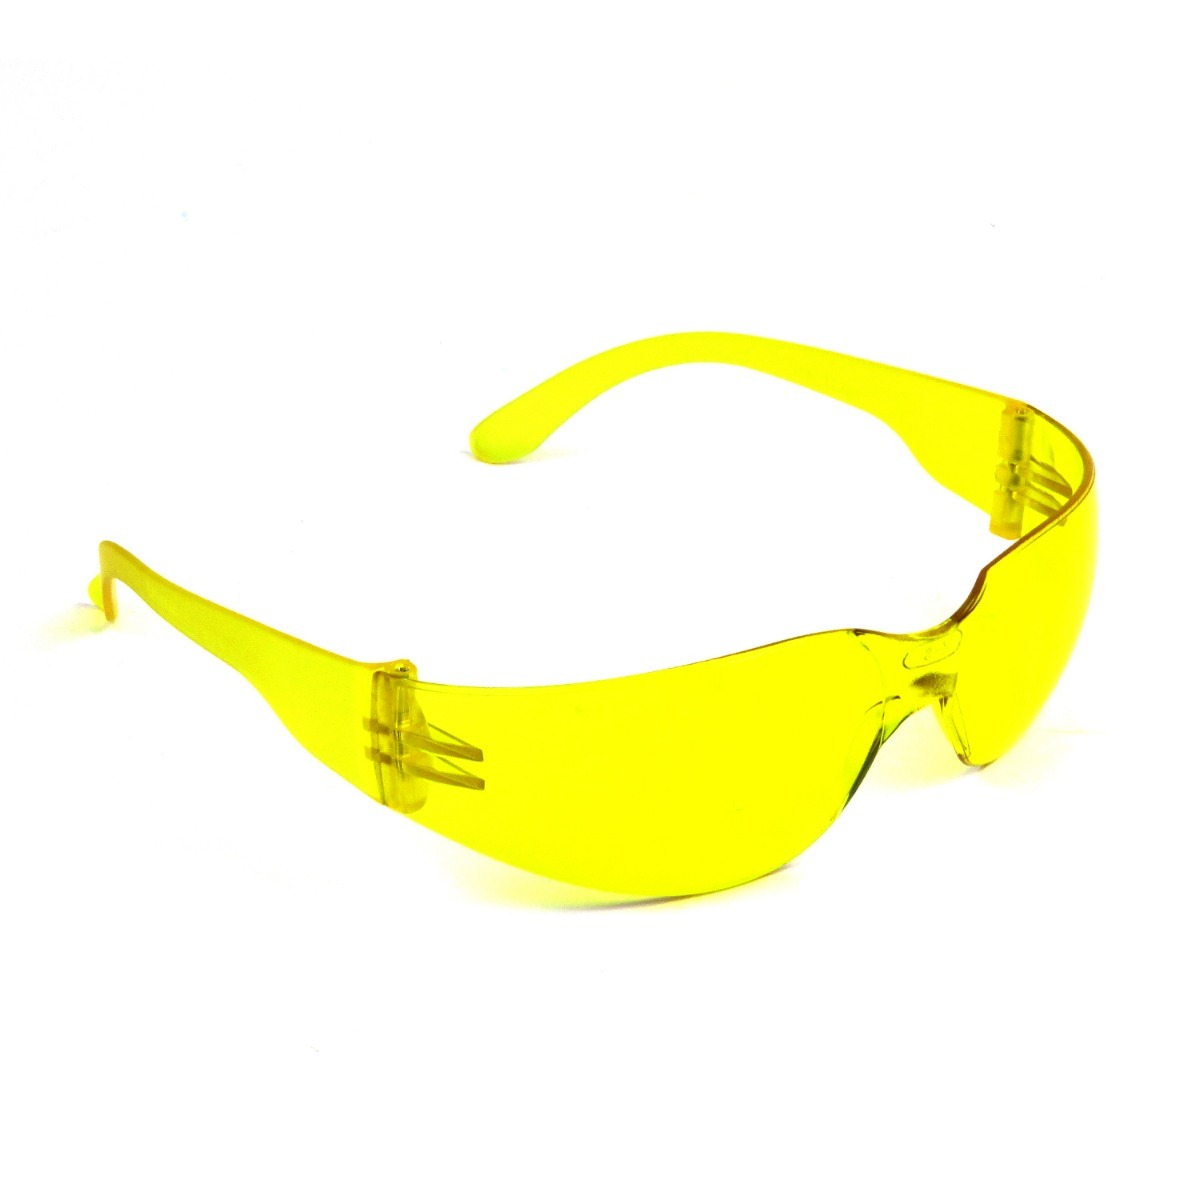 b819906a808b8 Óculos De Segurança Leopardo Kalipso Amarelo - R  16,37 em Mercado Livre